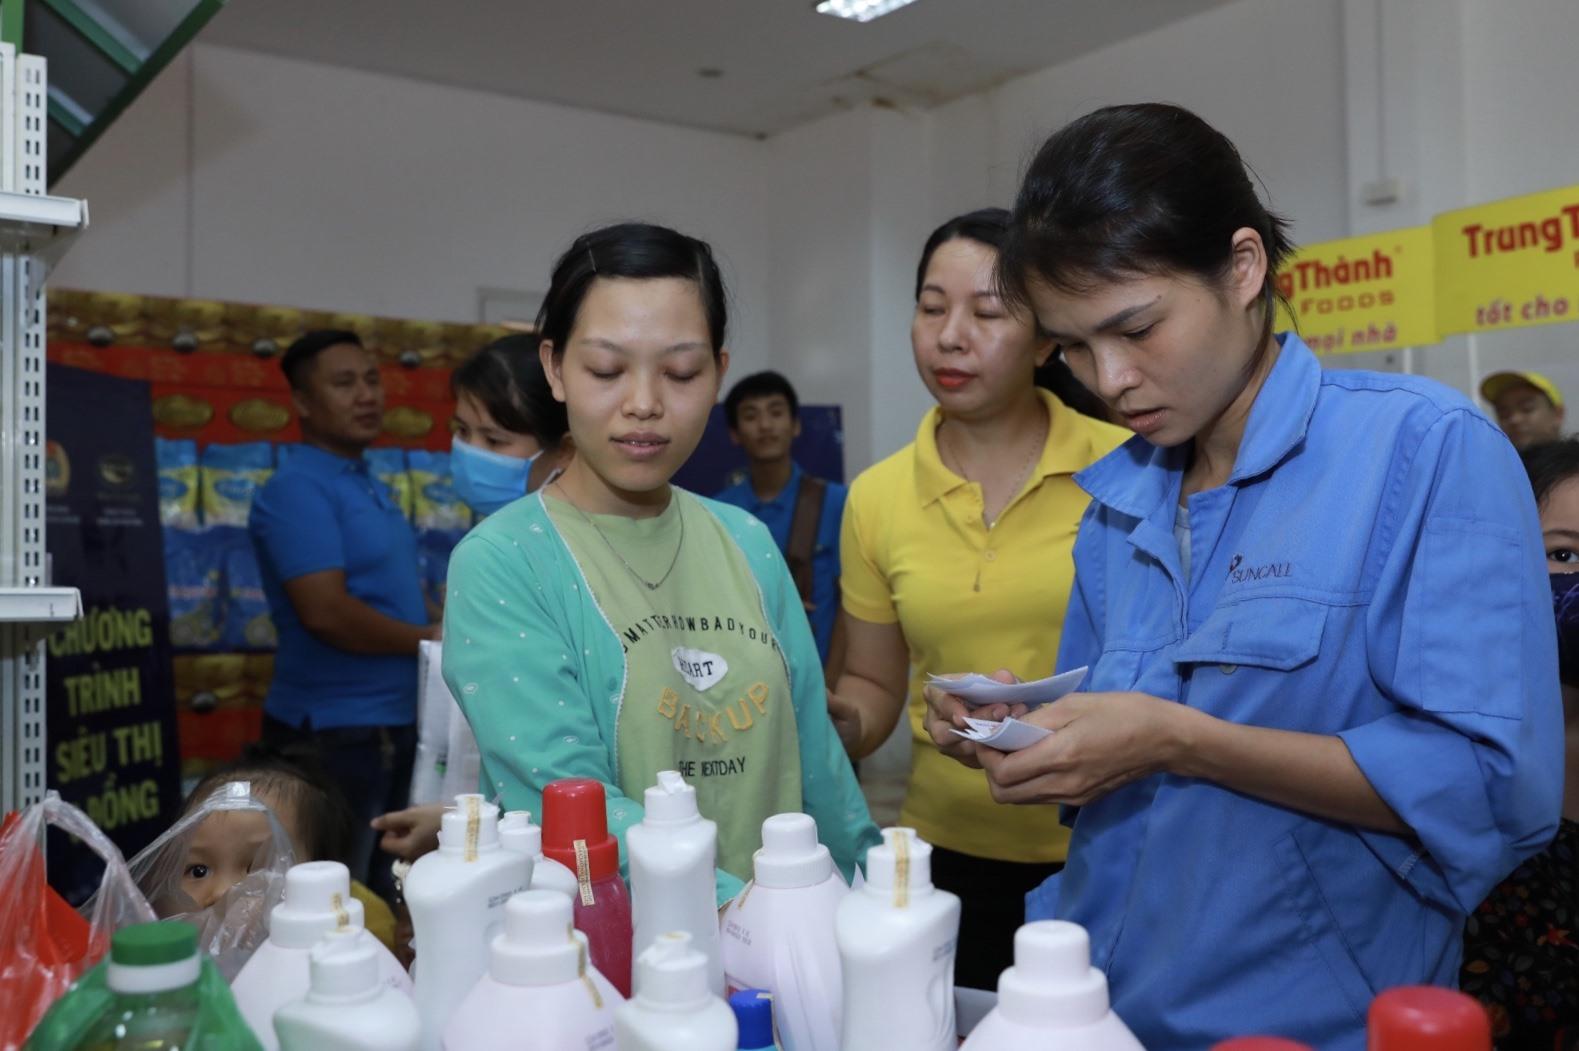 Công nhân lao động lựa chọn các mặt hàng tại Siêu thị 0 đồng sáng 20.6. Ảnh: Hải Nguyễn